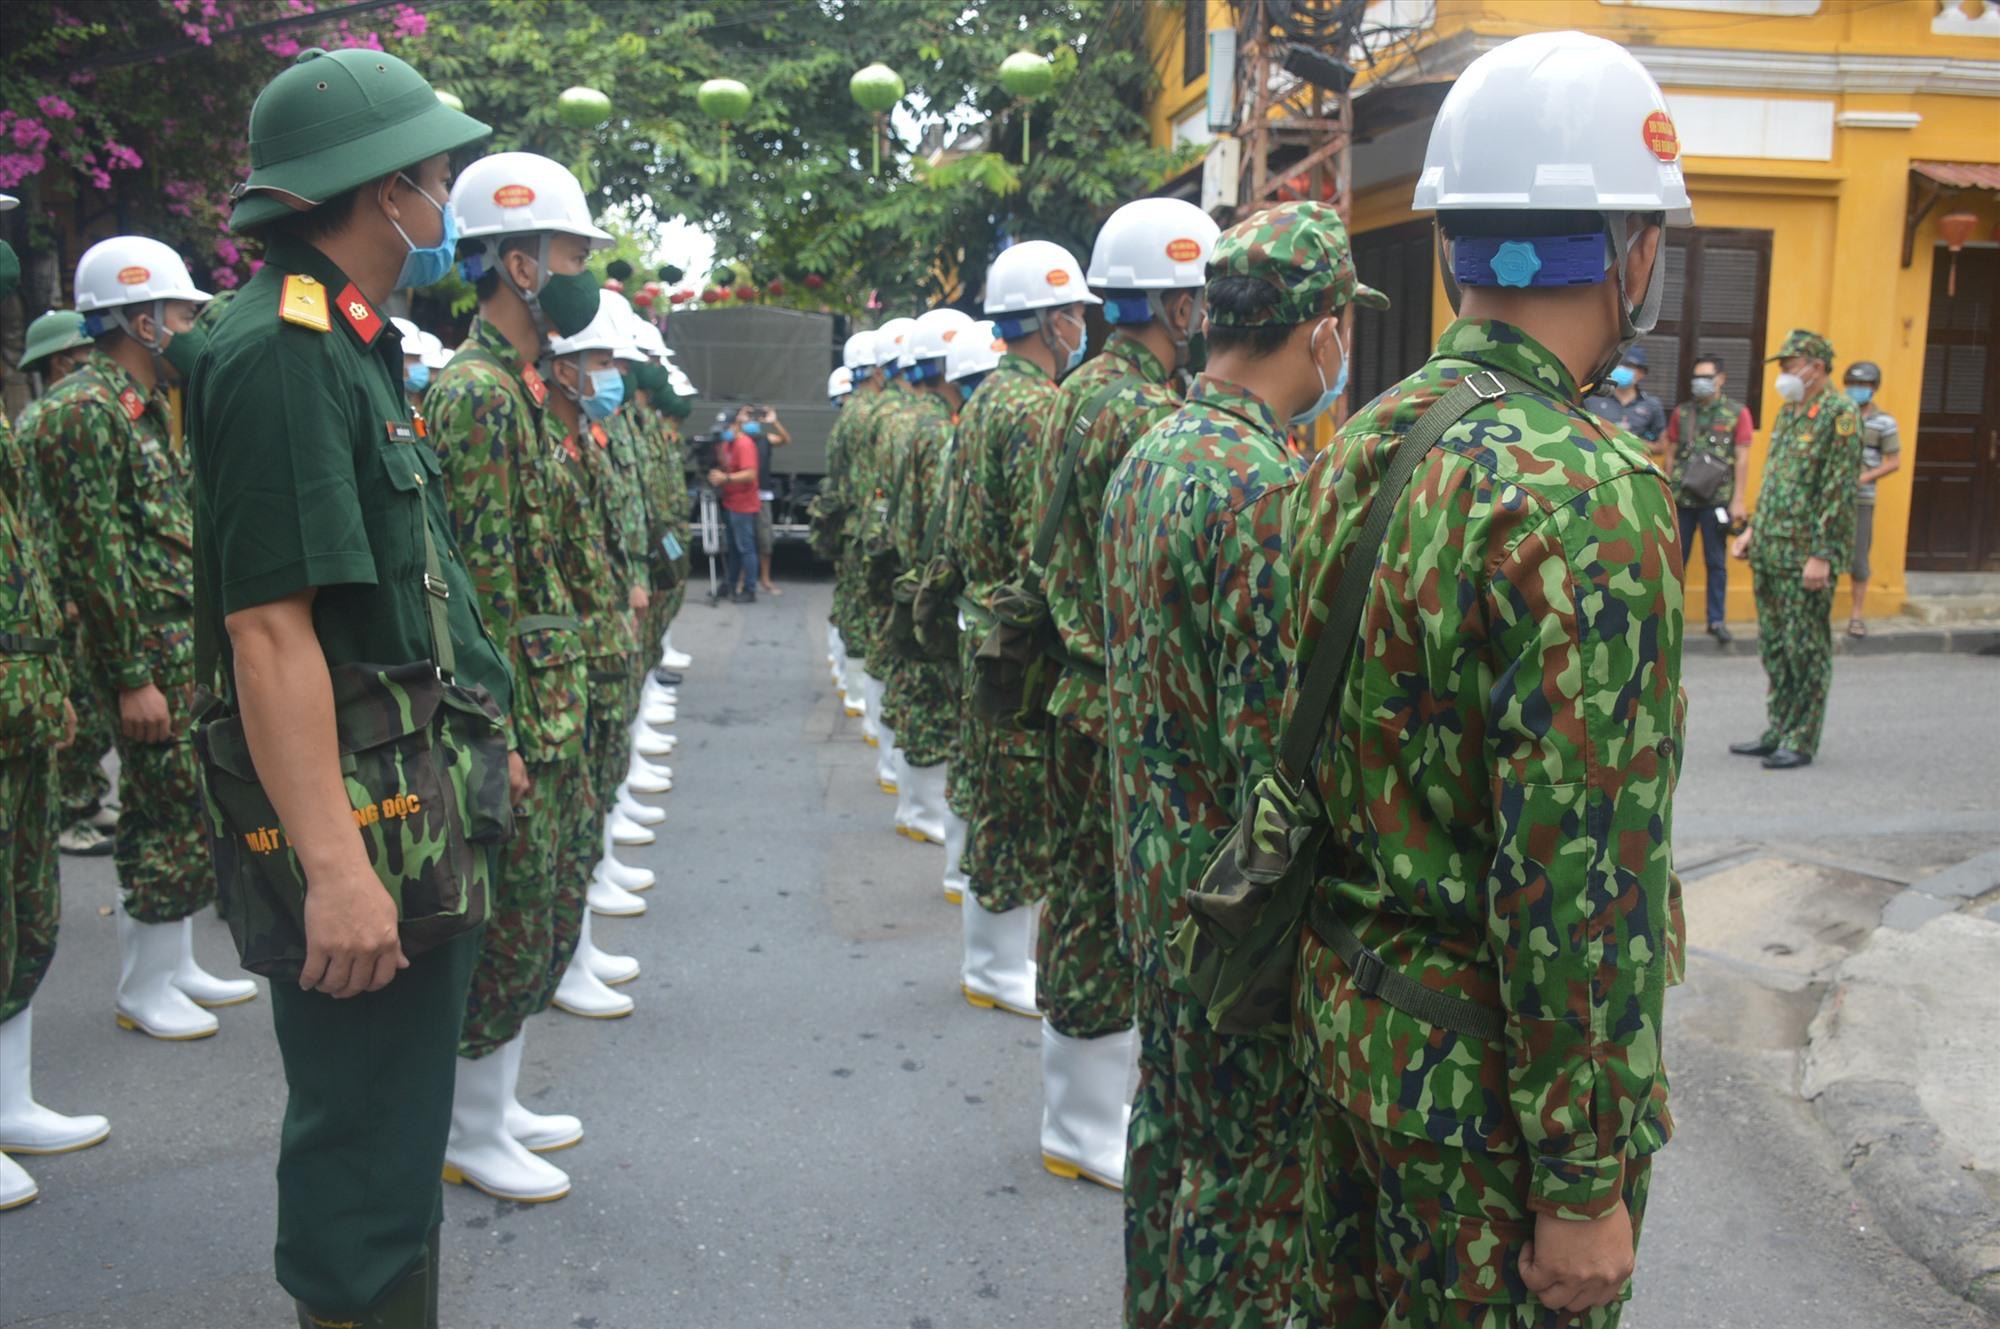 Lực lượng bộ đội hóa học tập kết ở khu vực phố cổ Hội An trước khi làm nhiệm vụ. Ảnh: Q.T